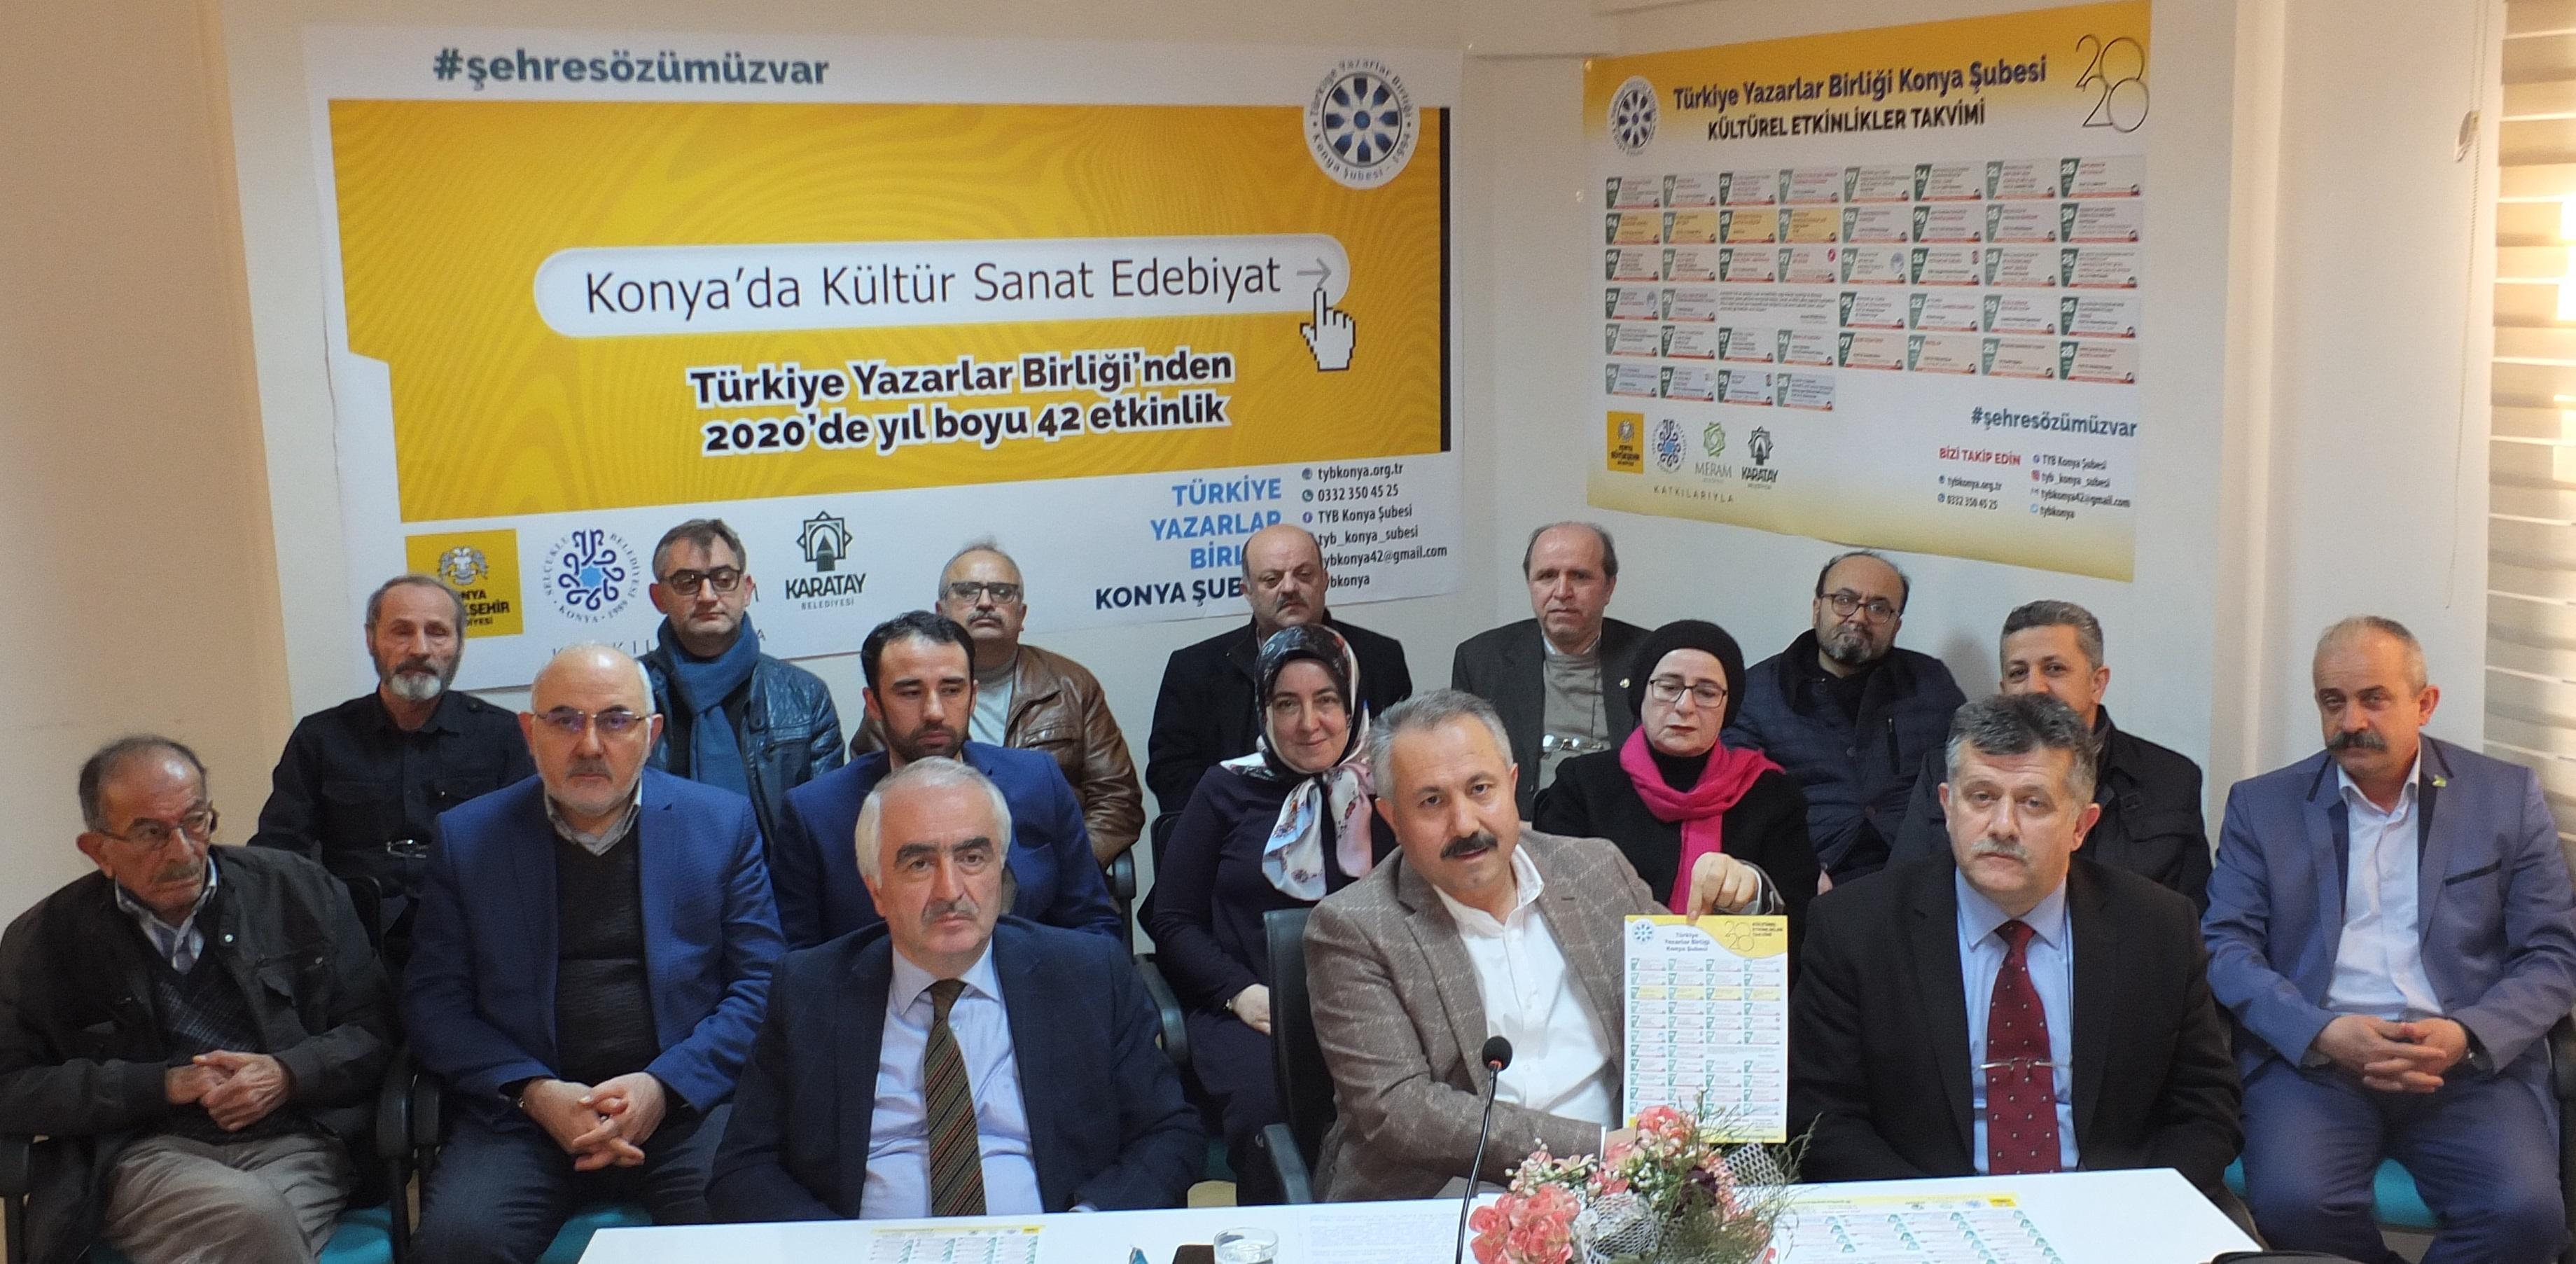 Konya Şubesi 2020 Yılı Kültürel Etkinlikler Takvimini Açıkladı